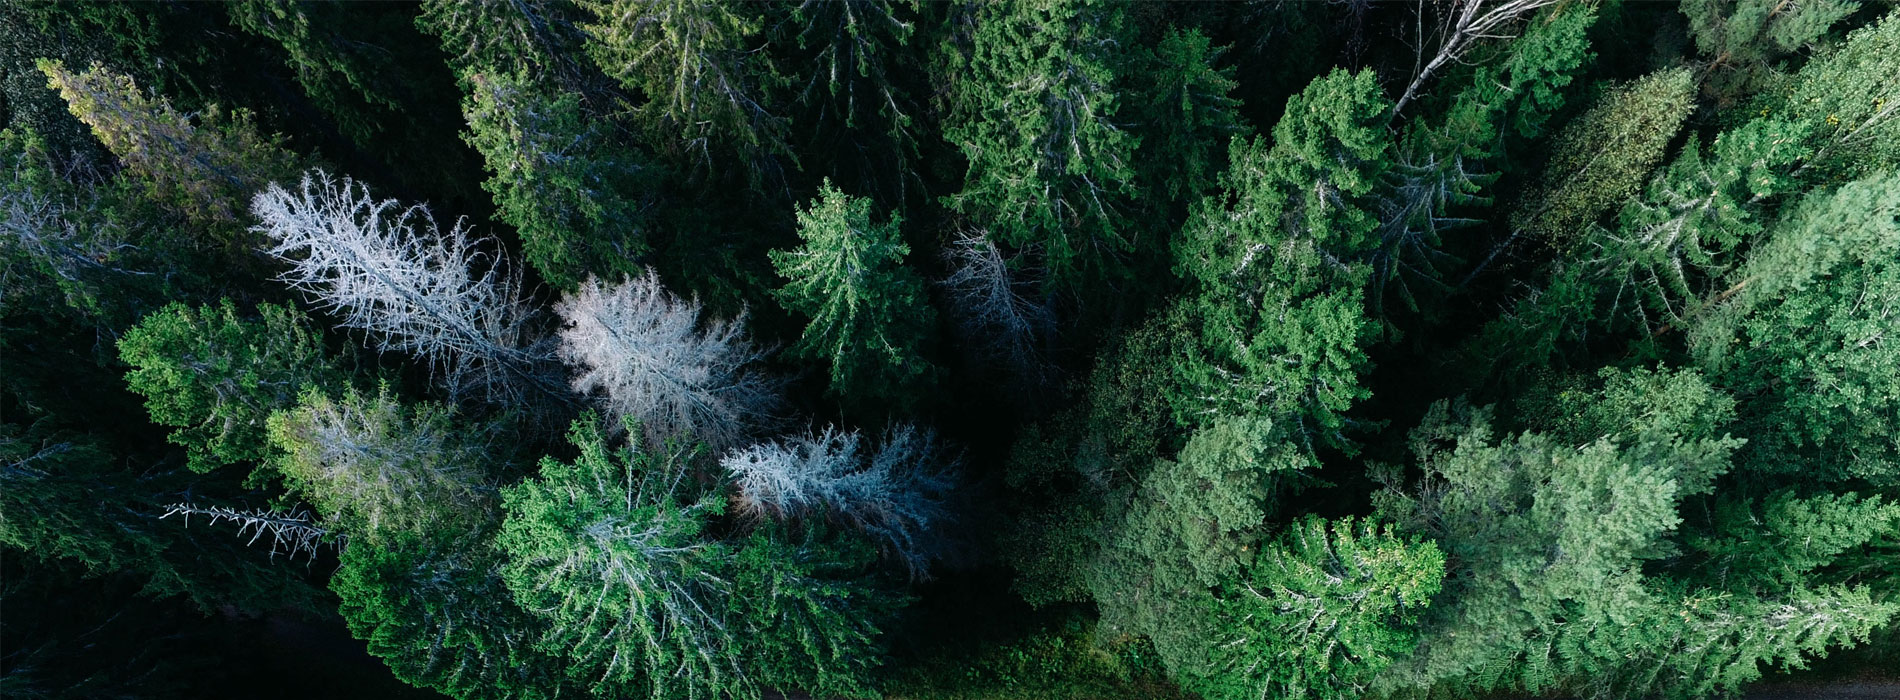 Für die Produktion von Papier wird Holz benötigt, das aus verschiedenen Bäumen und in den unterschiedlichsten Gegenden gewonnen wird. Fichten, Kiefern, Birken, Eukalyptus- und andere Bäume liefern den Rohstoff, aus dem man die Zellulose für die Papierherstellung gewinnt.